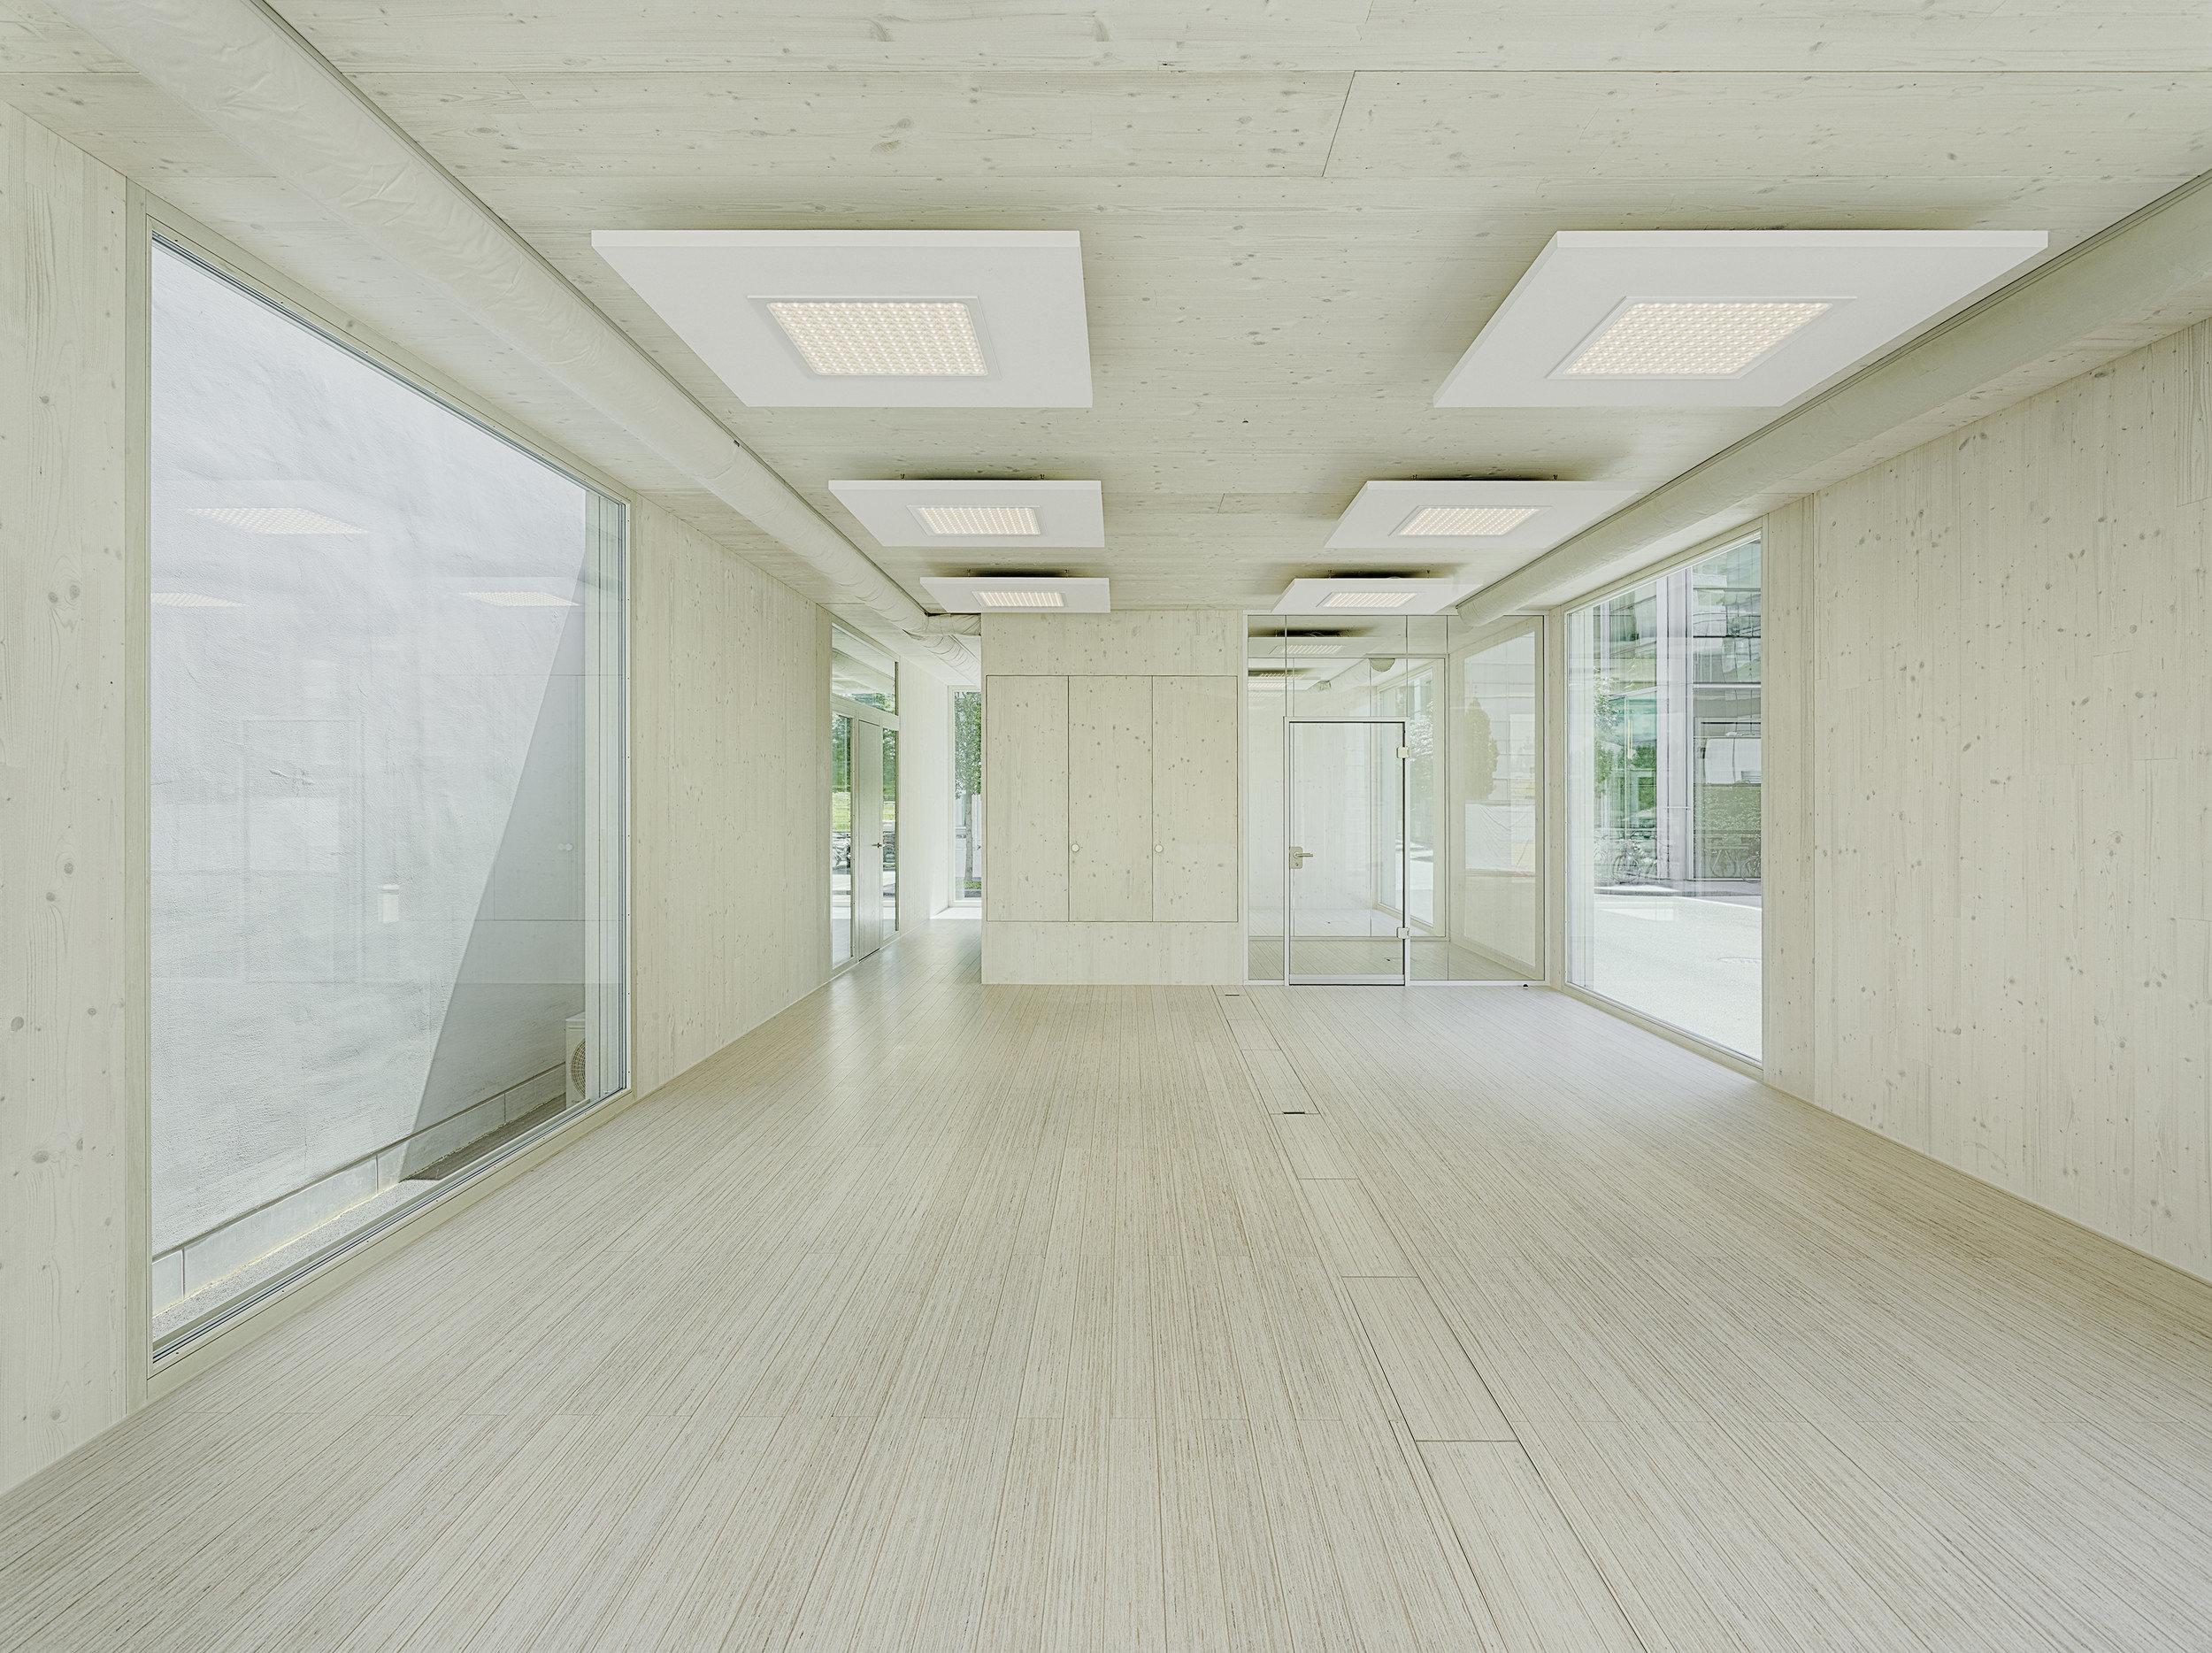 Leerer Raum aus sichtbarem Massivholz und beidseitig festverglasten raumhohen Fenster